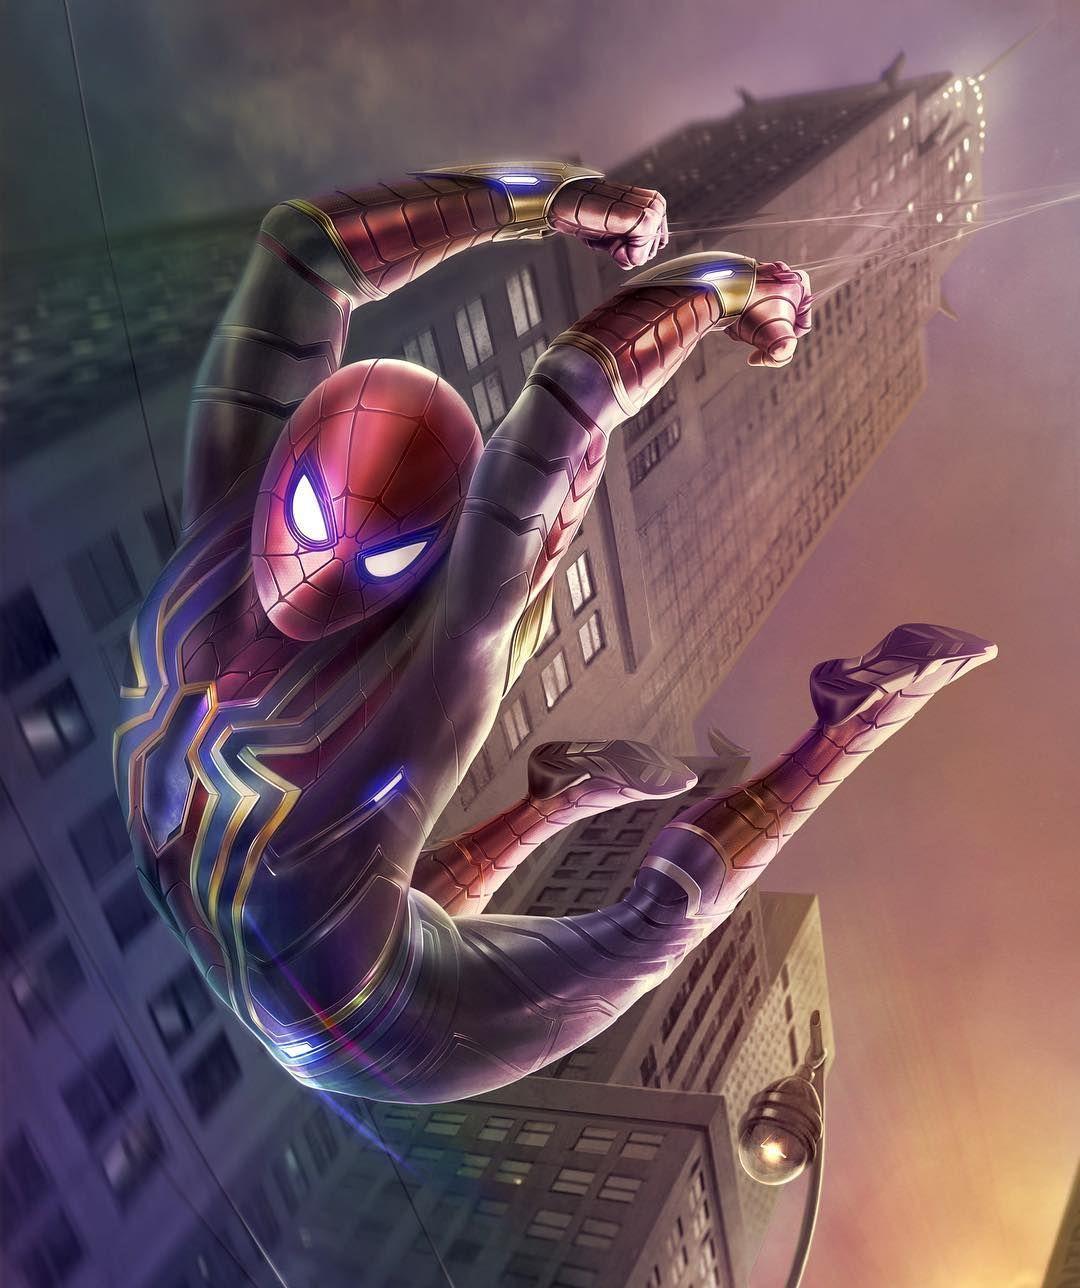 Order Of Marvel Films Together with Spider Man